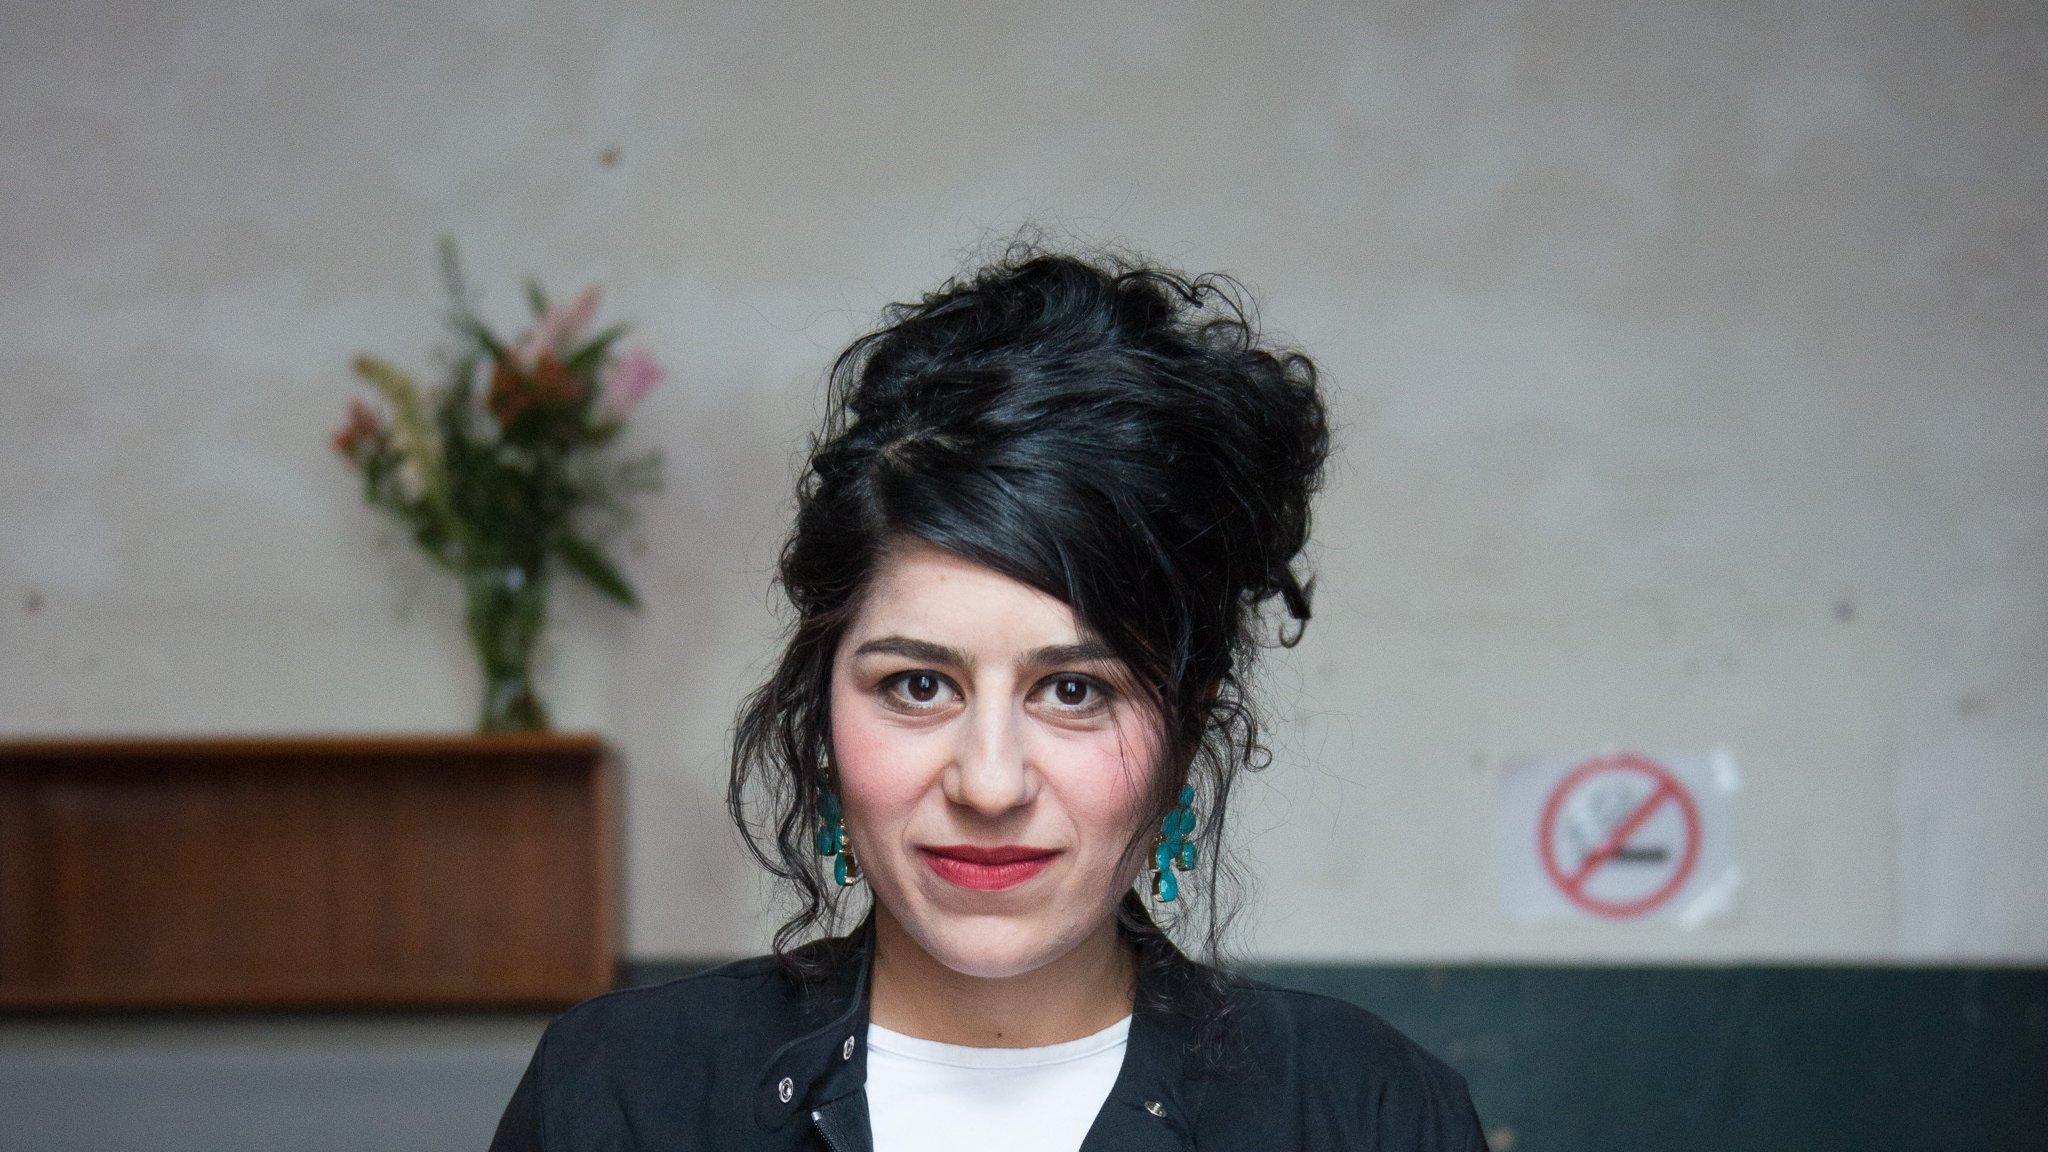 Sahar Rahimi blickt in Jeans, weißem Shirt und schwarzer, cooler Jacke gerade und entschlossen in die Kamera. Im Hintergrund nackte Betonwand und dunkle Möbel, oben ein schmaler Strauß Blumen in einer hohen Vase. Sie hat ihre dunklen, lockigen Haare aufgetürmt und ist geschminkt mit Rouge, Lippenstift und Nagellack. In ihrer rechten Hand hält sie eine beige Handtasche, auf den ersten Blick sieht das aus wie ein Buch. In ihrer linken Hand hält sie ein Gläschen Hipp-Babynahrung. Auf den ersten Blick denkt man, es sei eine Dose Cola oder ähnliches.